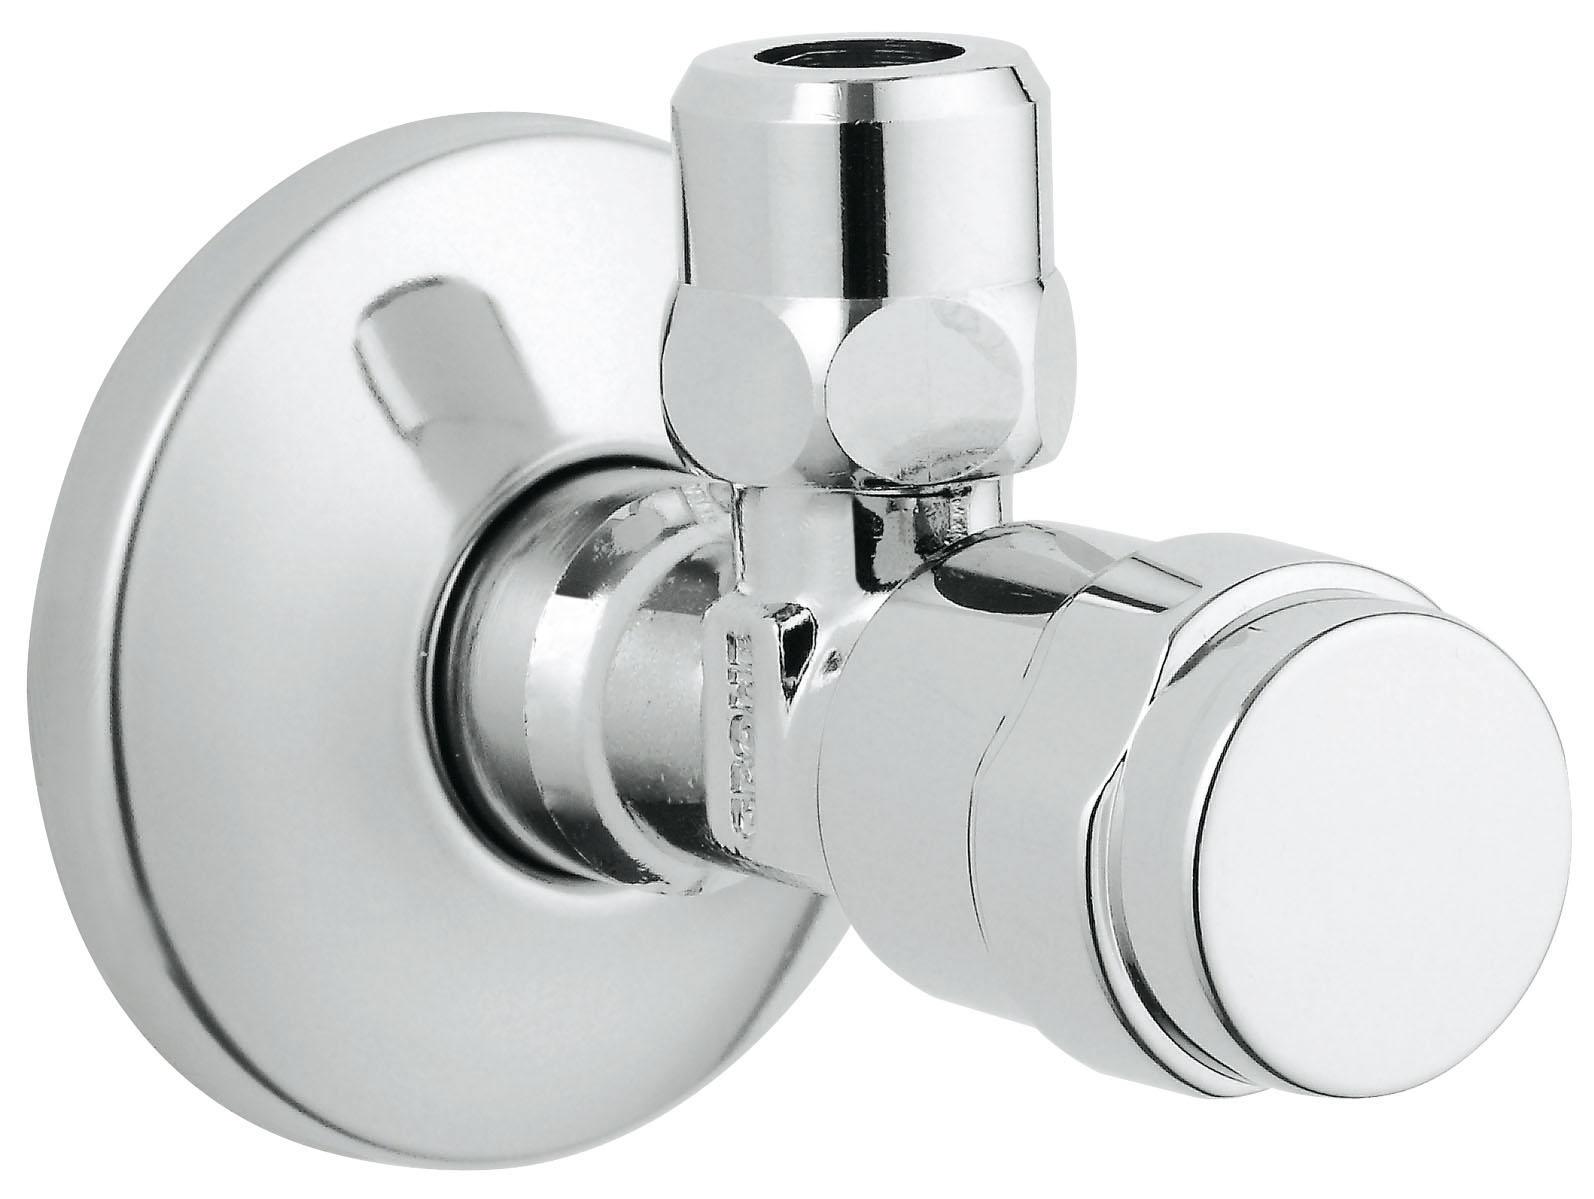 Вентиль угловой для подключения Grohe Eggeman, 1/241263000ВентильЦанговый зажим 3/8?Надвижная розеткаGROHE StarLight хромированная поверхность